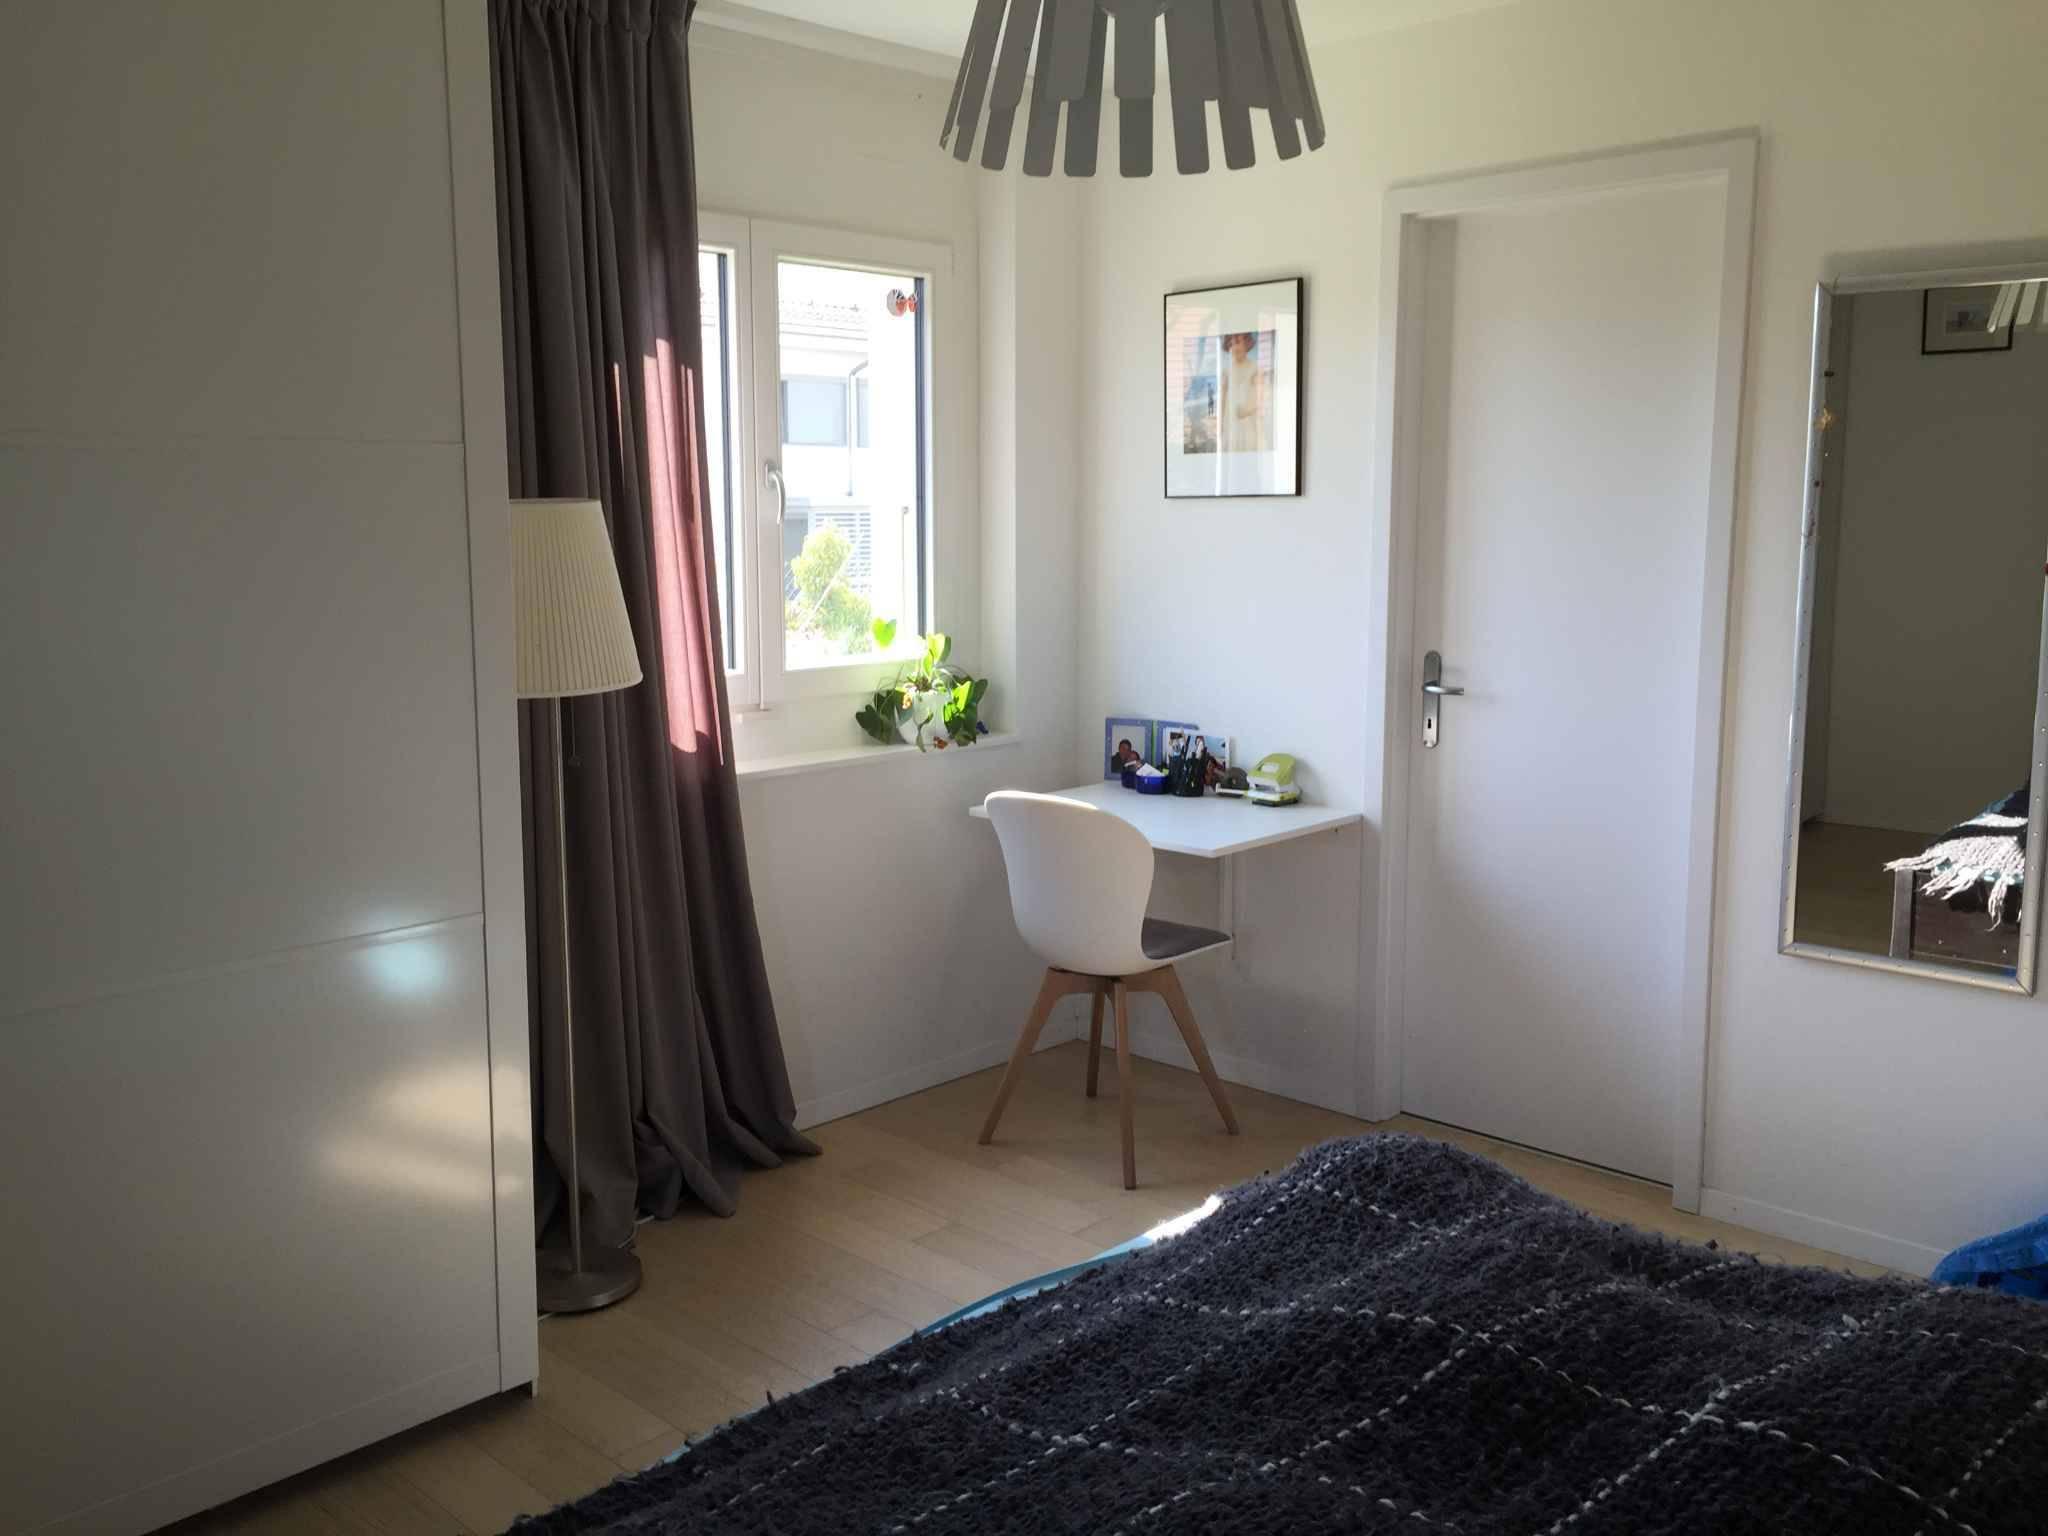 Appartement 4.5 pièces en rez-de-jardin